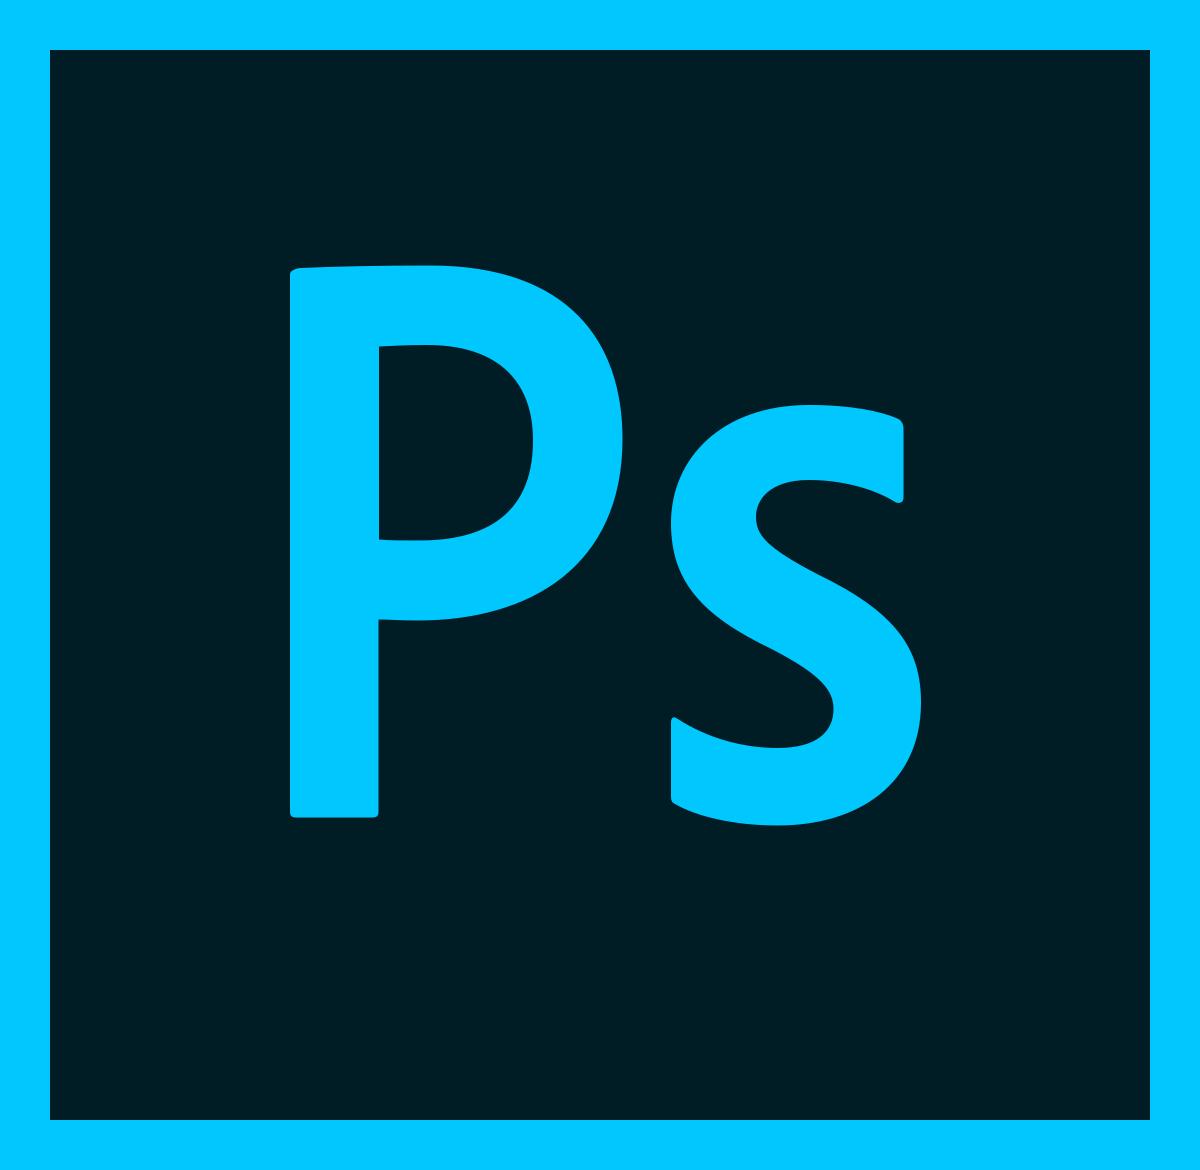 Adobe photoshop CC 2019. Domina el diseño digital